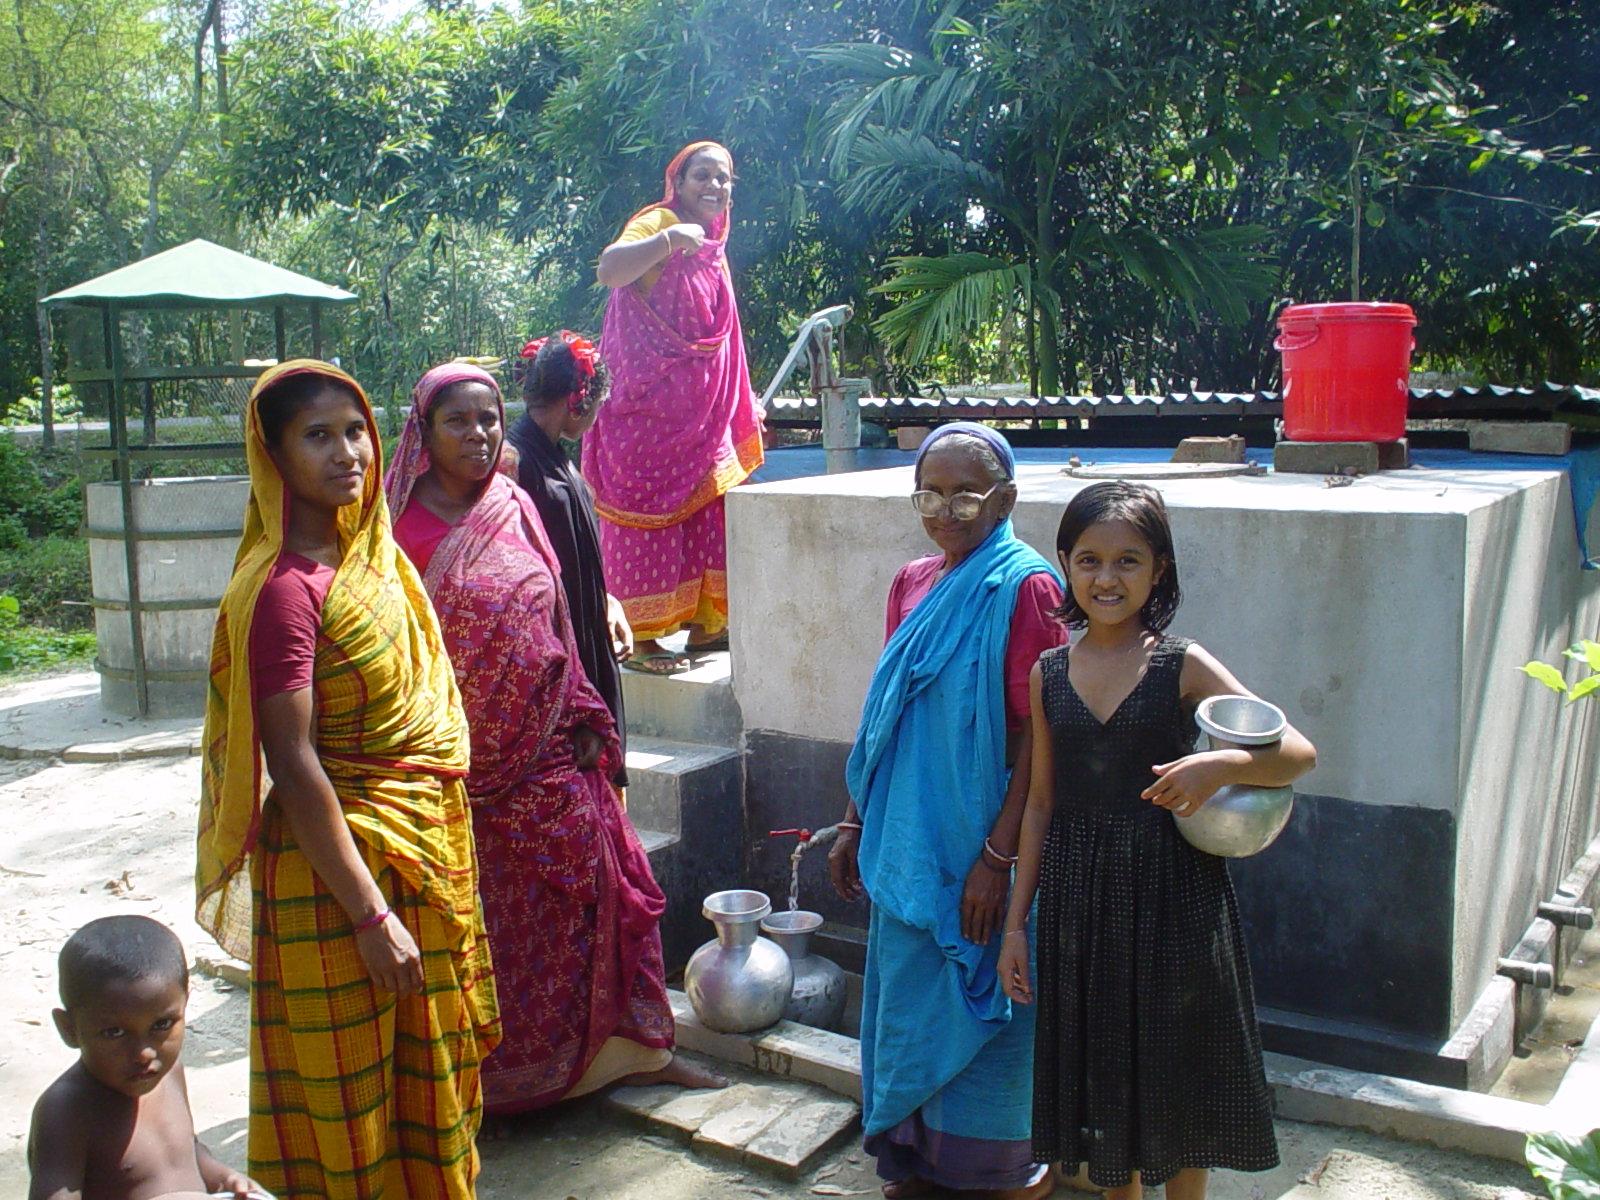 バングラデシュやベトナムにおいて、水に関する啓発活動などを行っている「アジア砒素ネットワーク」